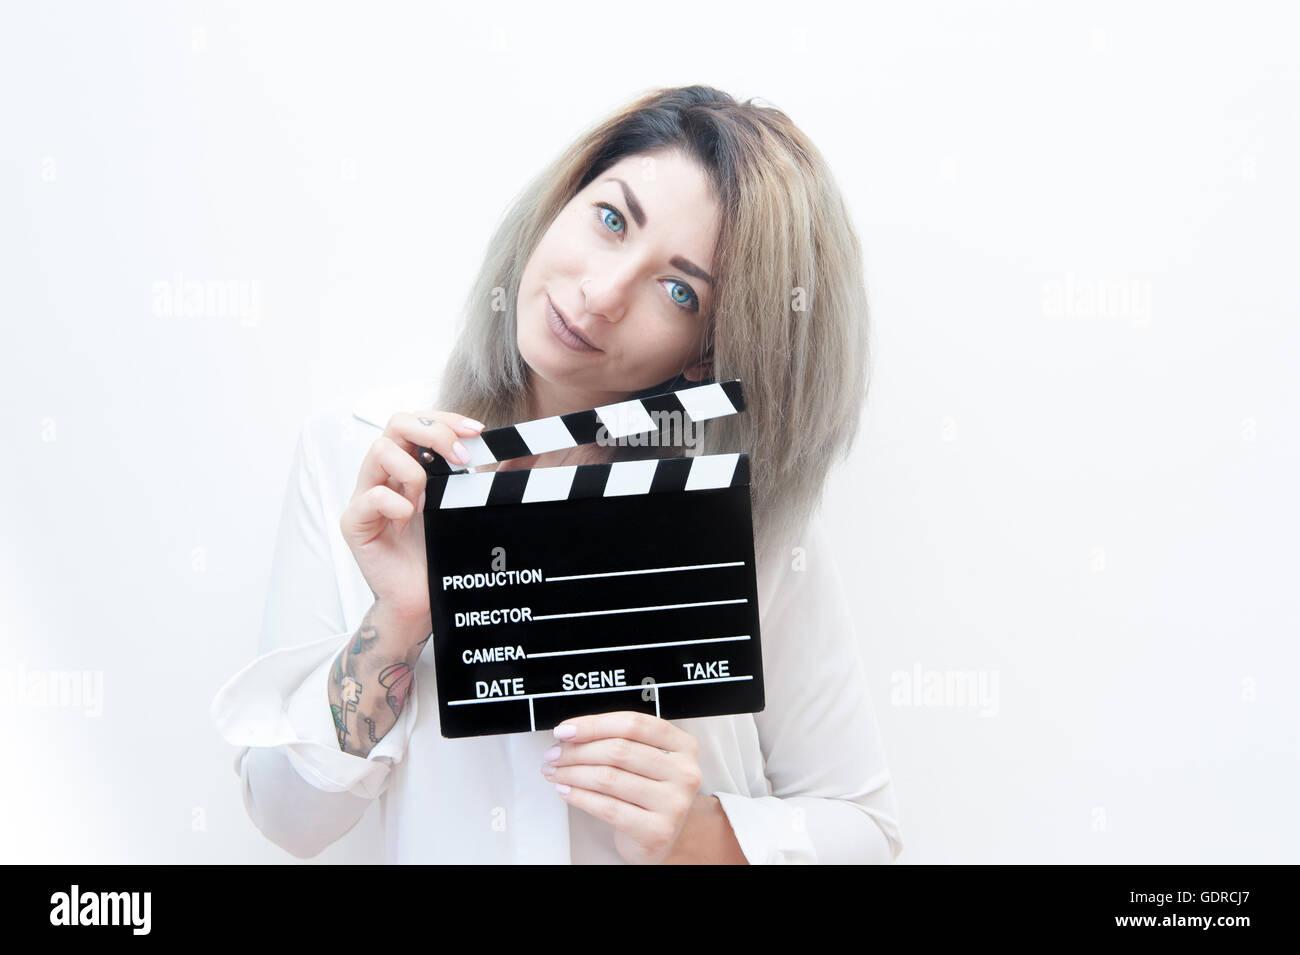 Augen schauspielerin blaue blond Deutscher Schauspieler